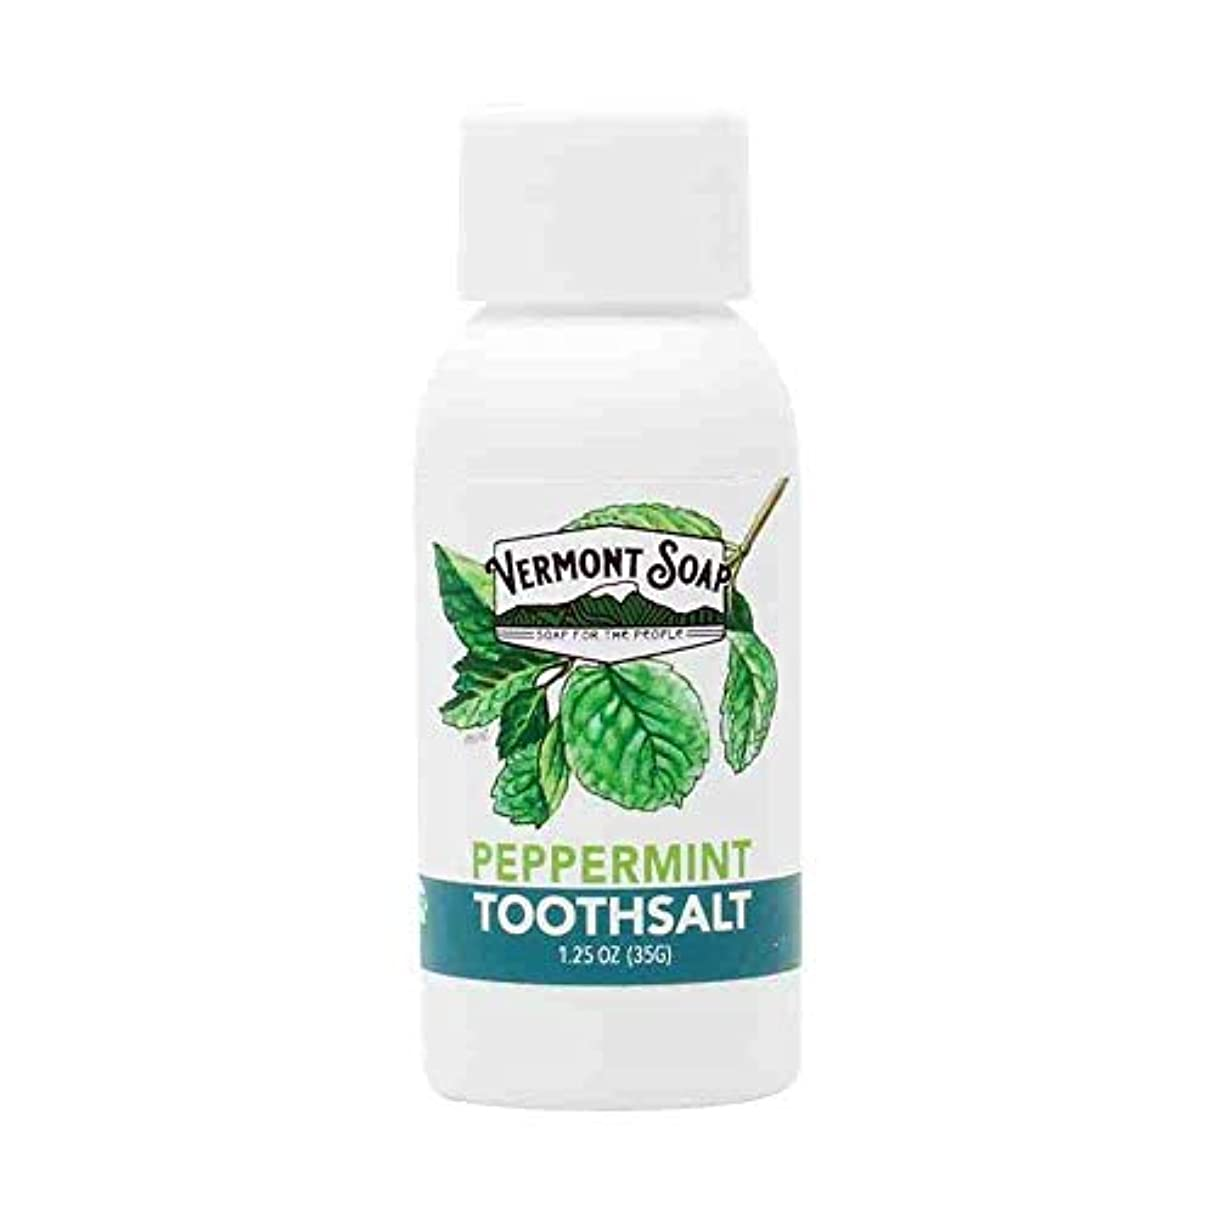 監督する実り多い無視できるバーモントソープ 塩 歯みがき 35g